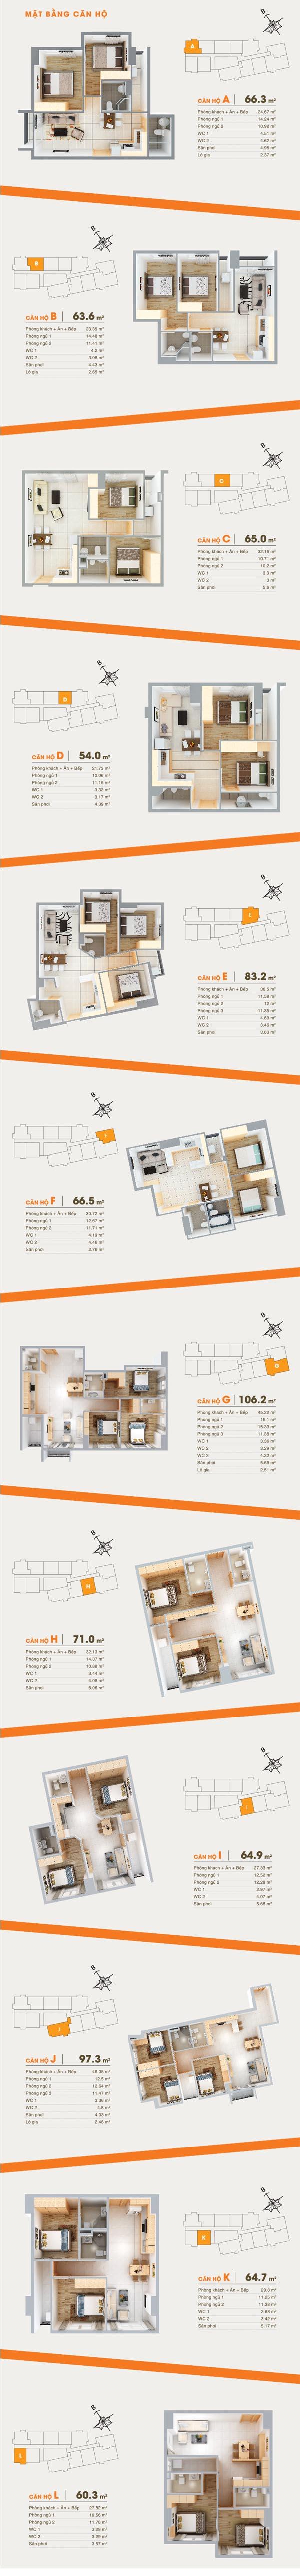 Mặt bằng tầng điển hình căn hộ 91 Phạm Văn Hai